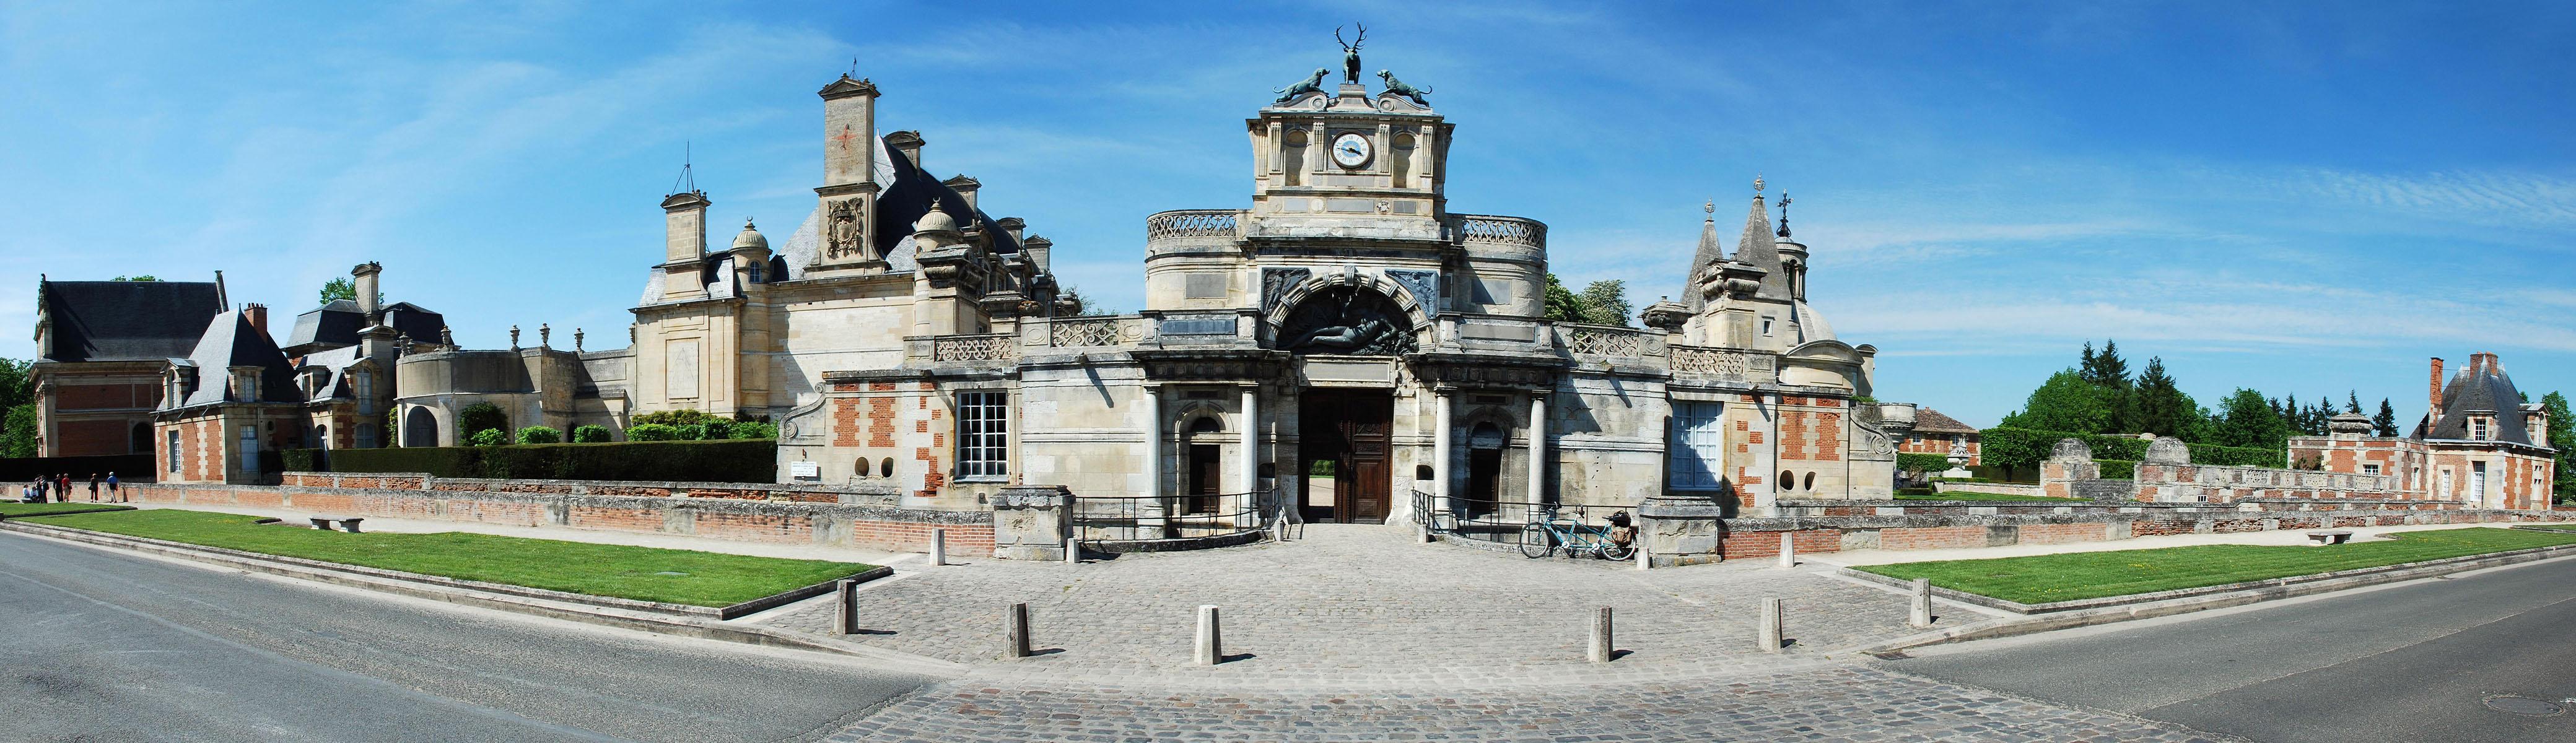 Le château d'Anet - Eure-et-Loir - 28